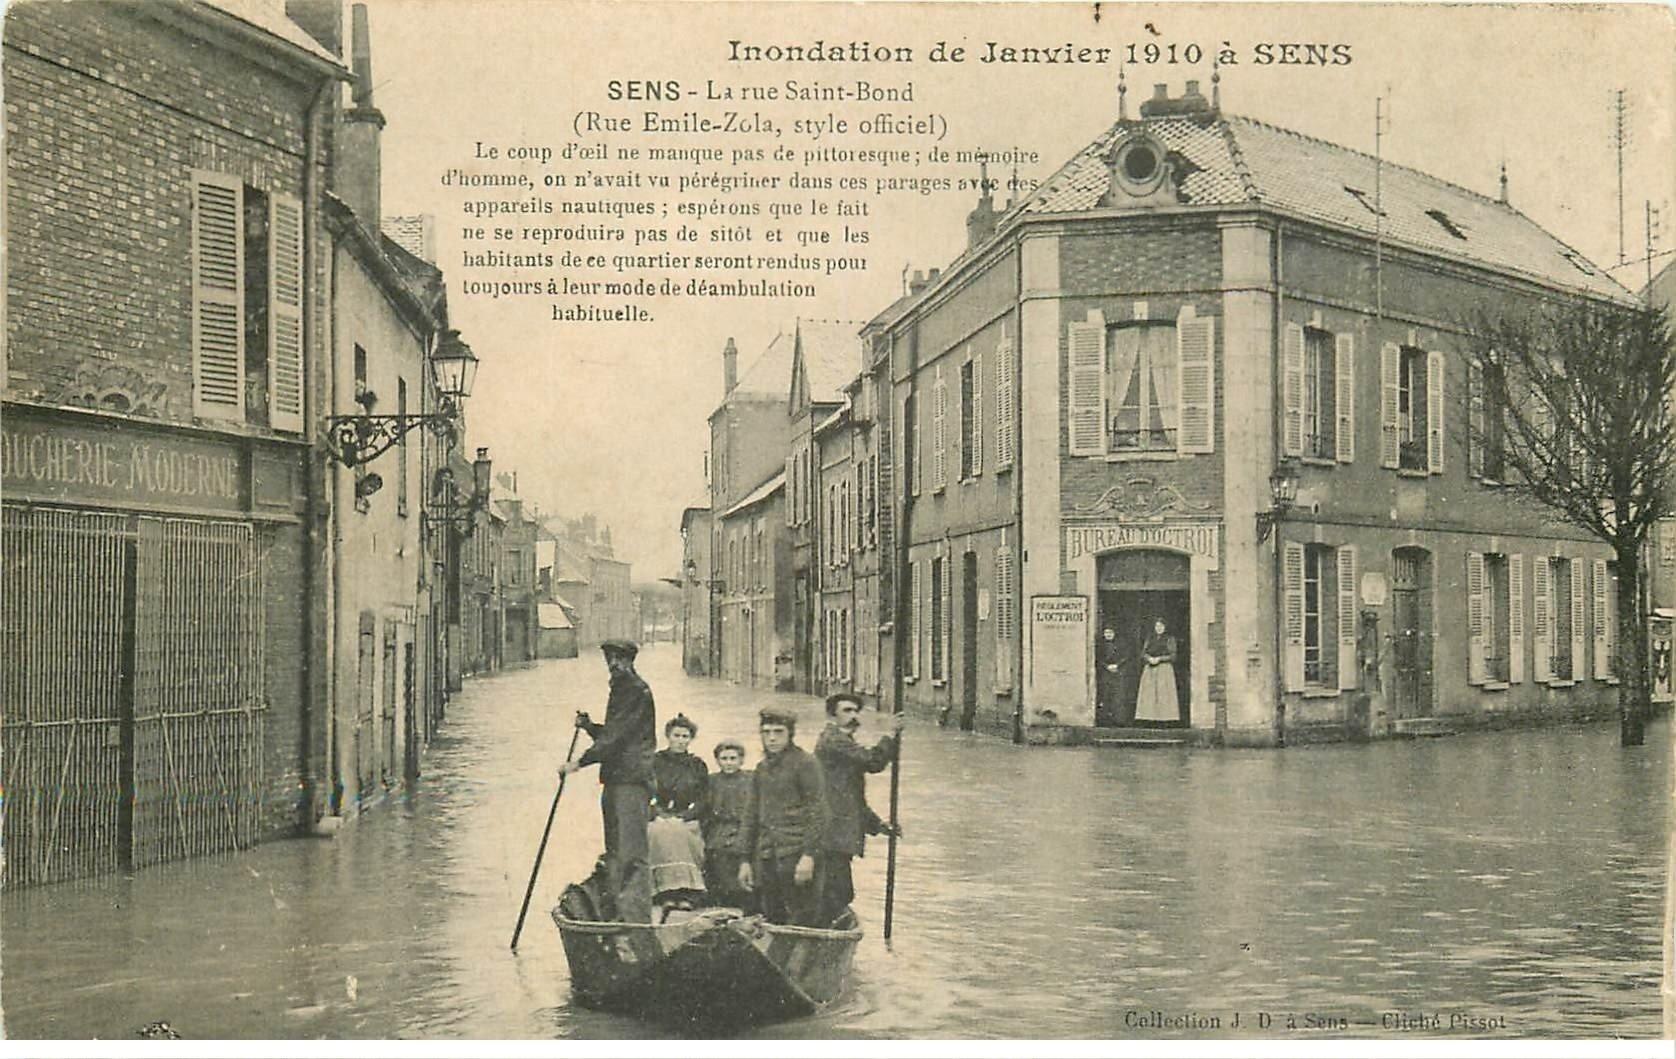 carte postale ancienne Inondation et Crue de 1910. SENS 89. Rue Saint-Bond (Emile Zola) Bureau Octroi